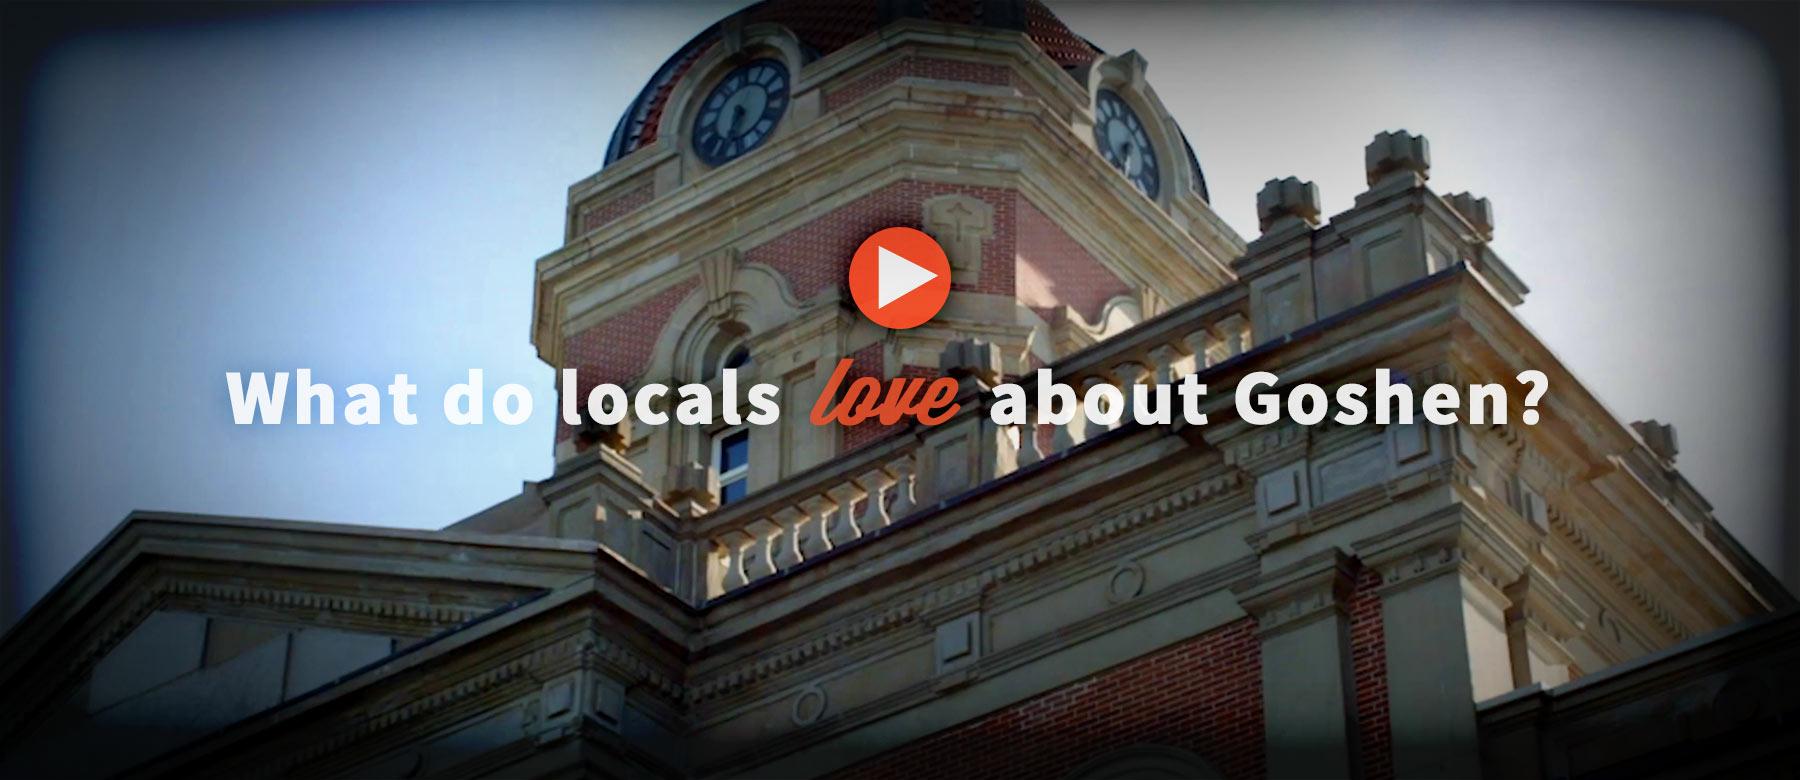 What do locals love about Goshen?